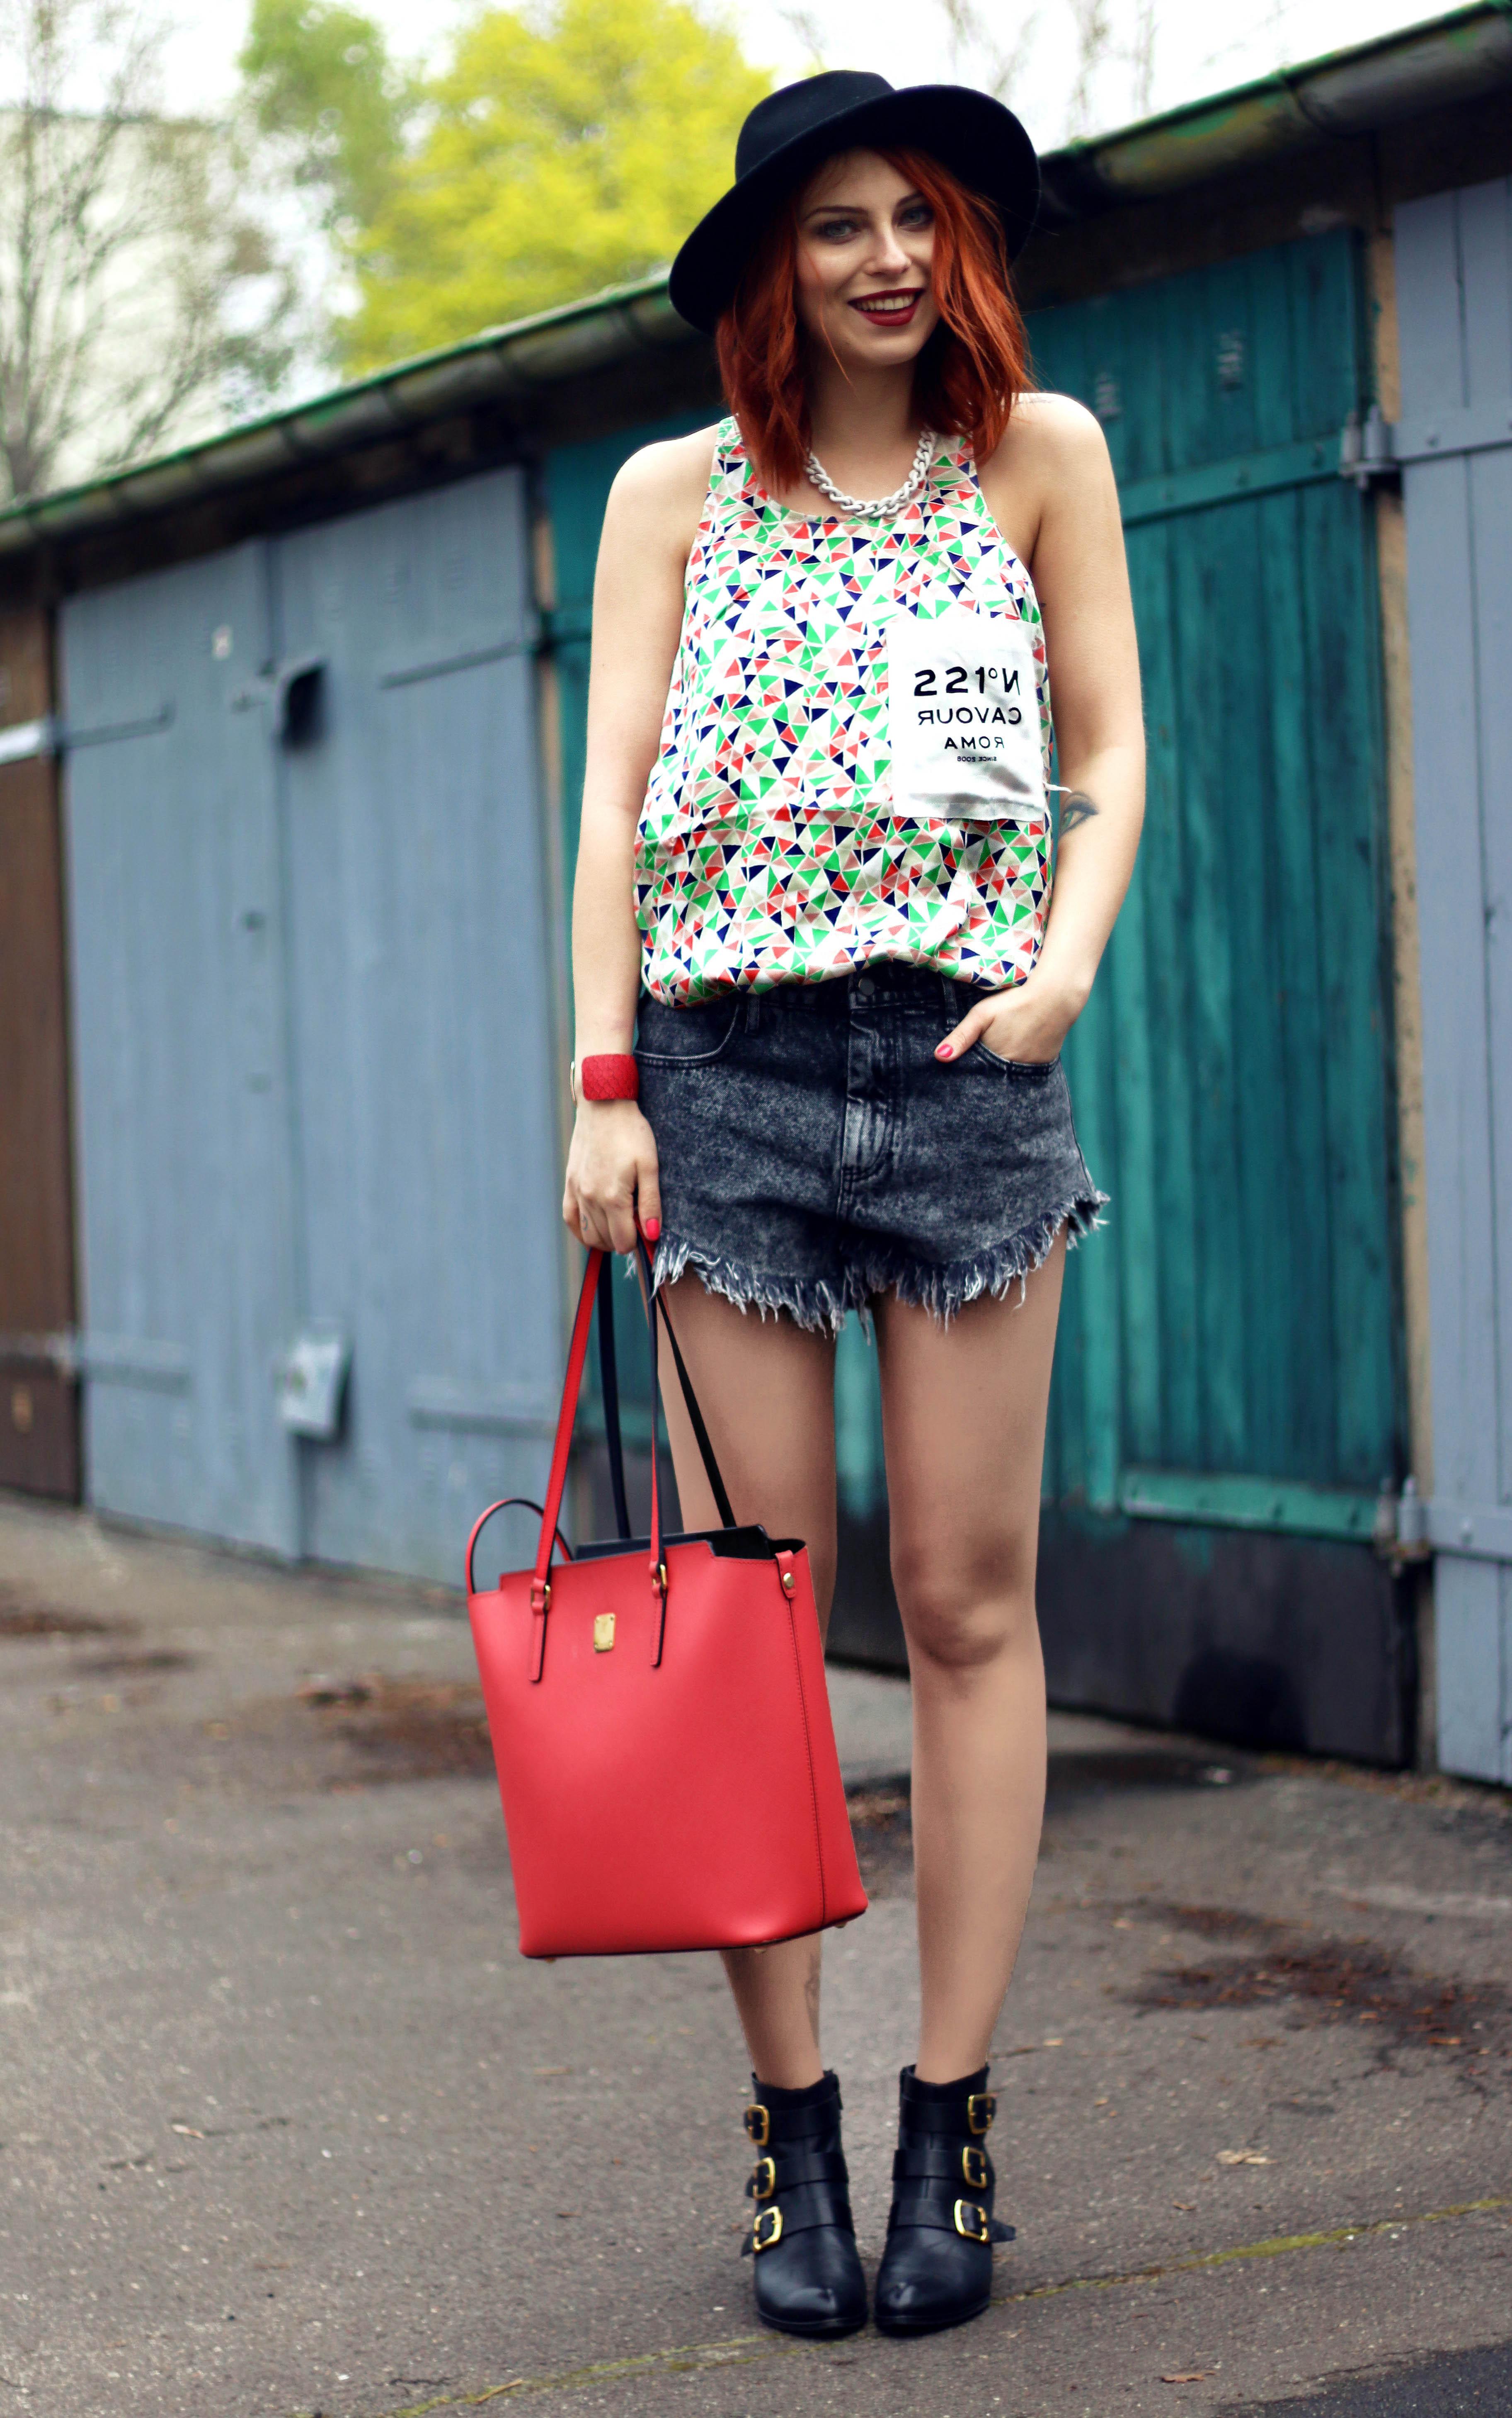 MashaSedgwick_Buntes_outfit_Sommer6